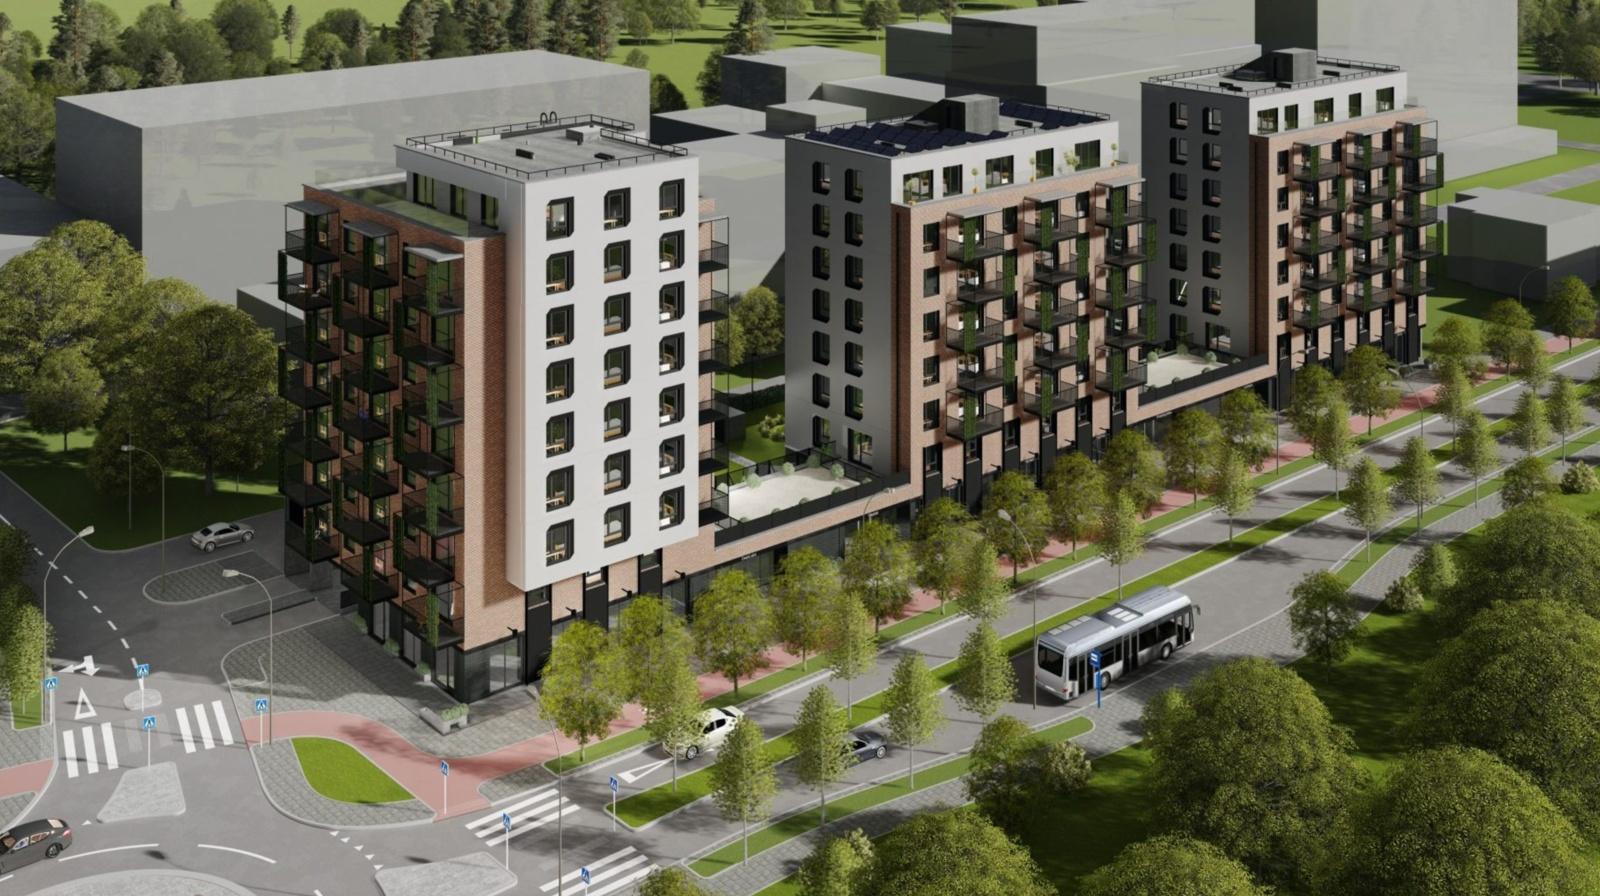 Šnipiškių Kernavės gatvės laukia didžiulė rekonstrukcija – bus saugesnė ir modernesnė